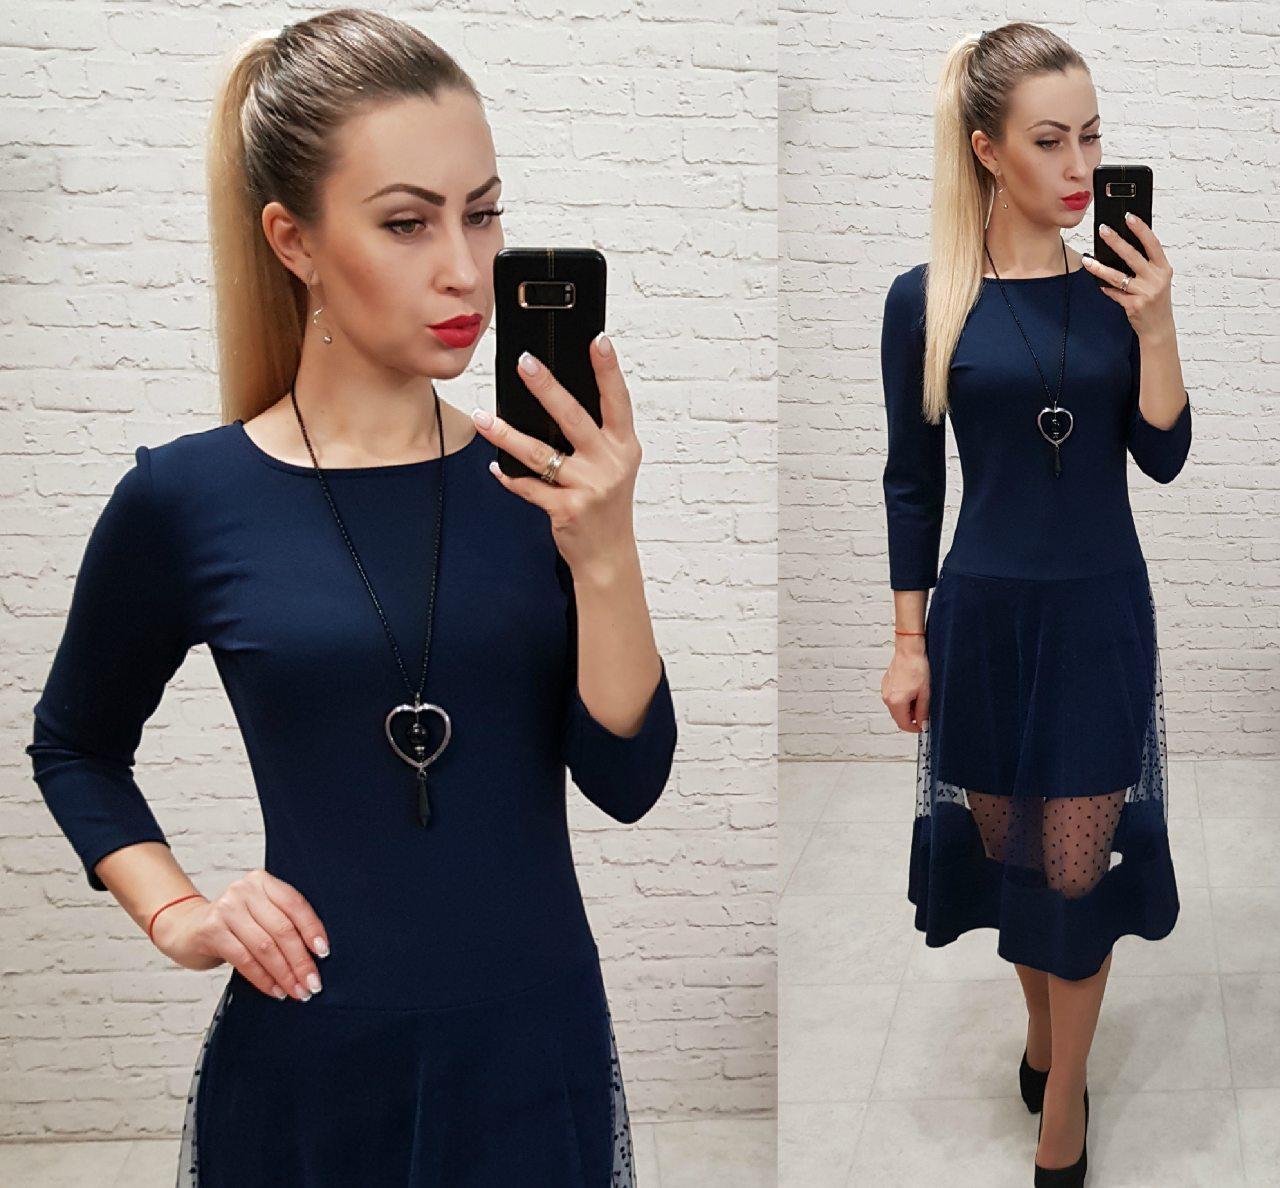 Плаття нарядне, креп+сітка, модель 146, колір - темно синій